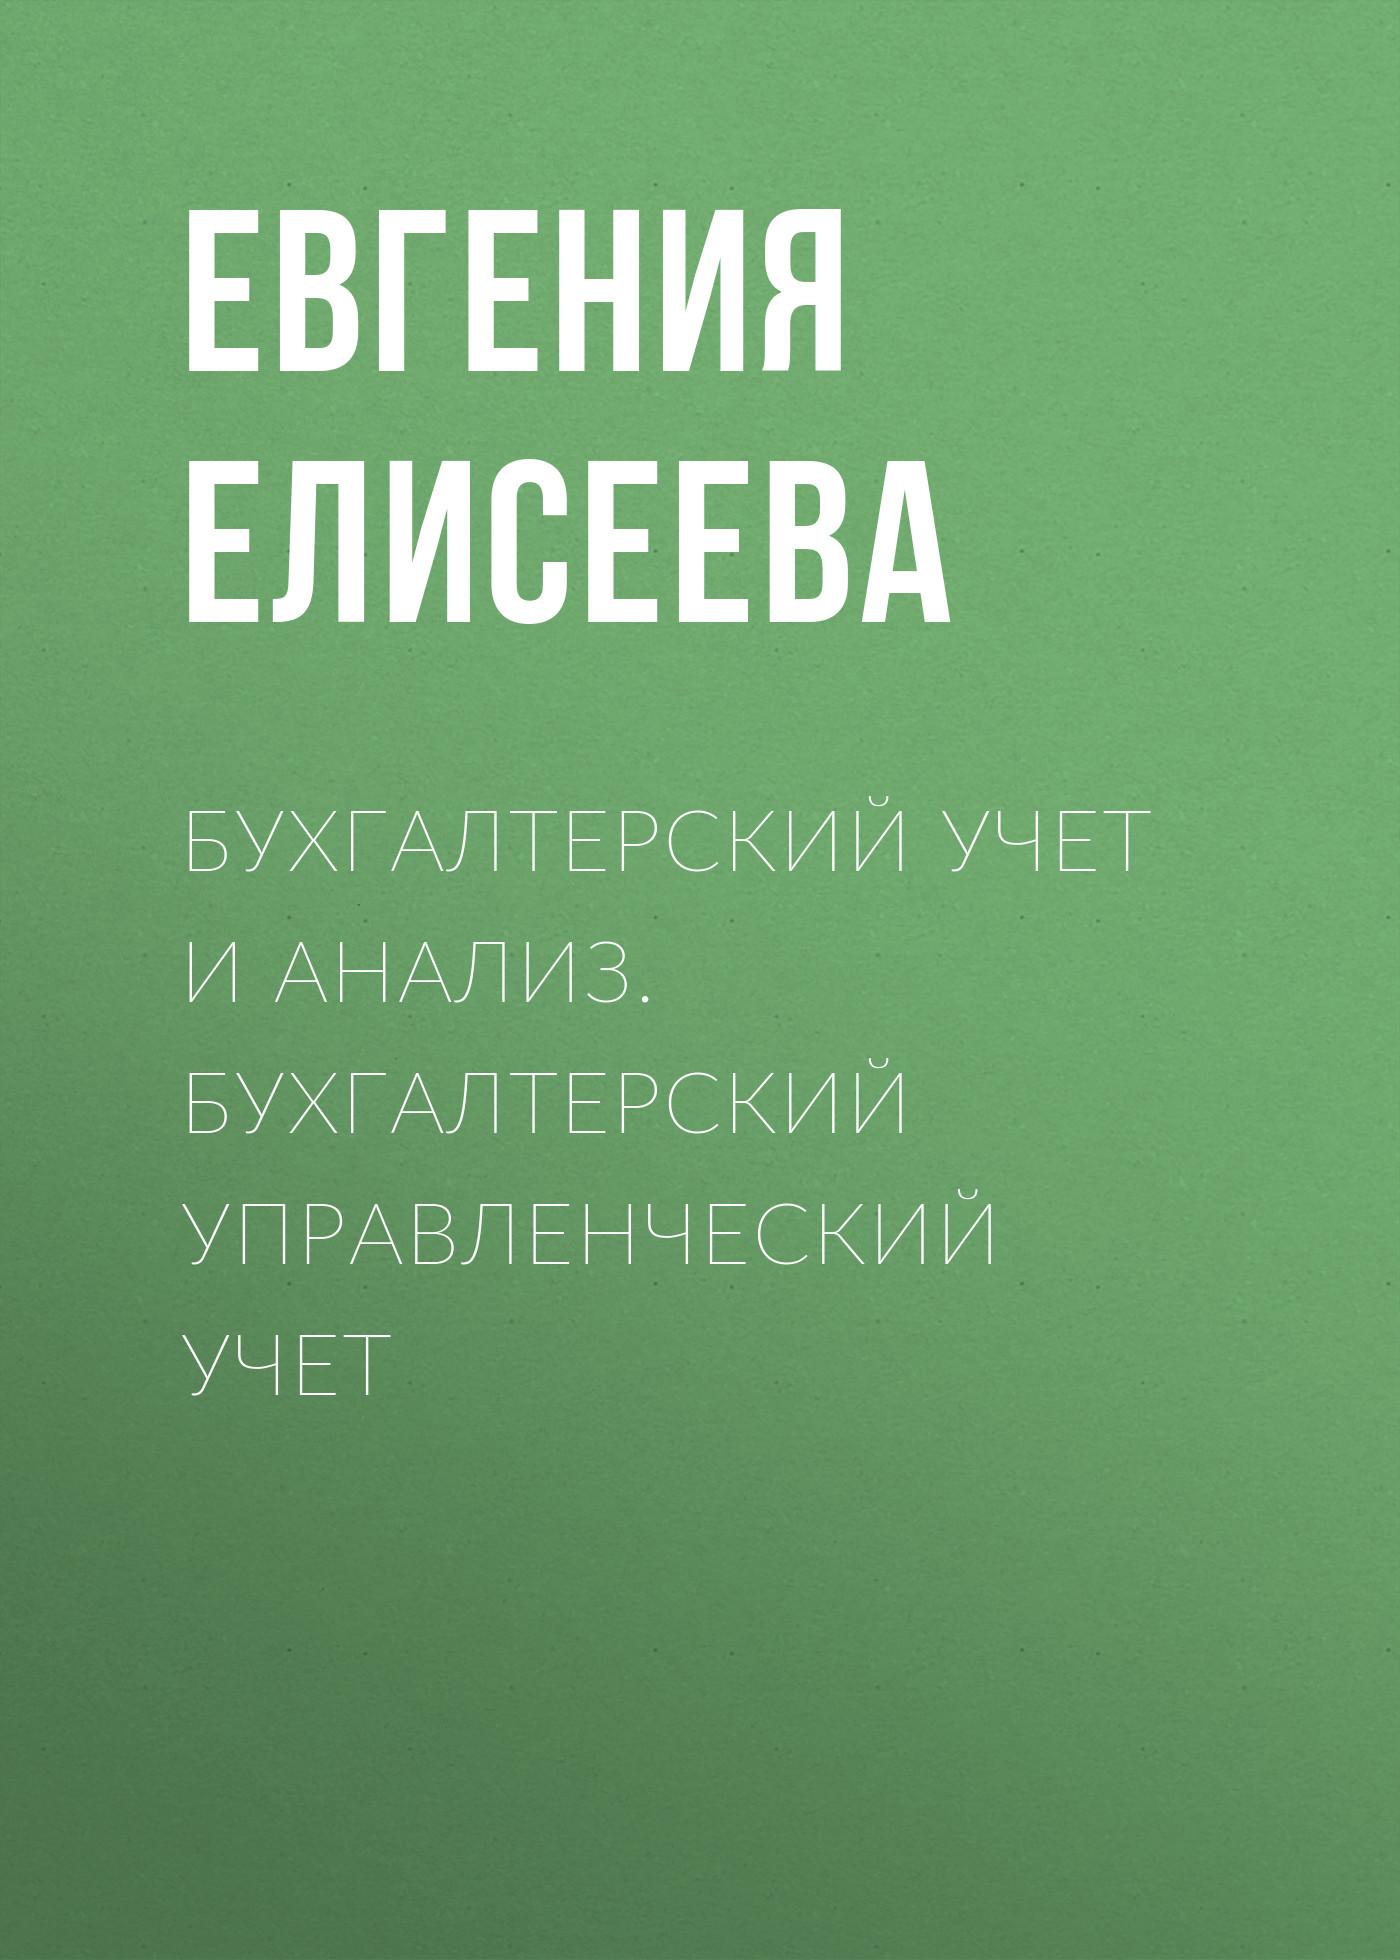 Евгения Елисеева Бухгалтерский учет и анализ. Бухгалтерский управленческий учет отсутствует бухгалтерский учет